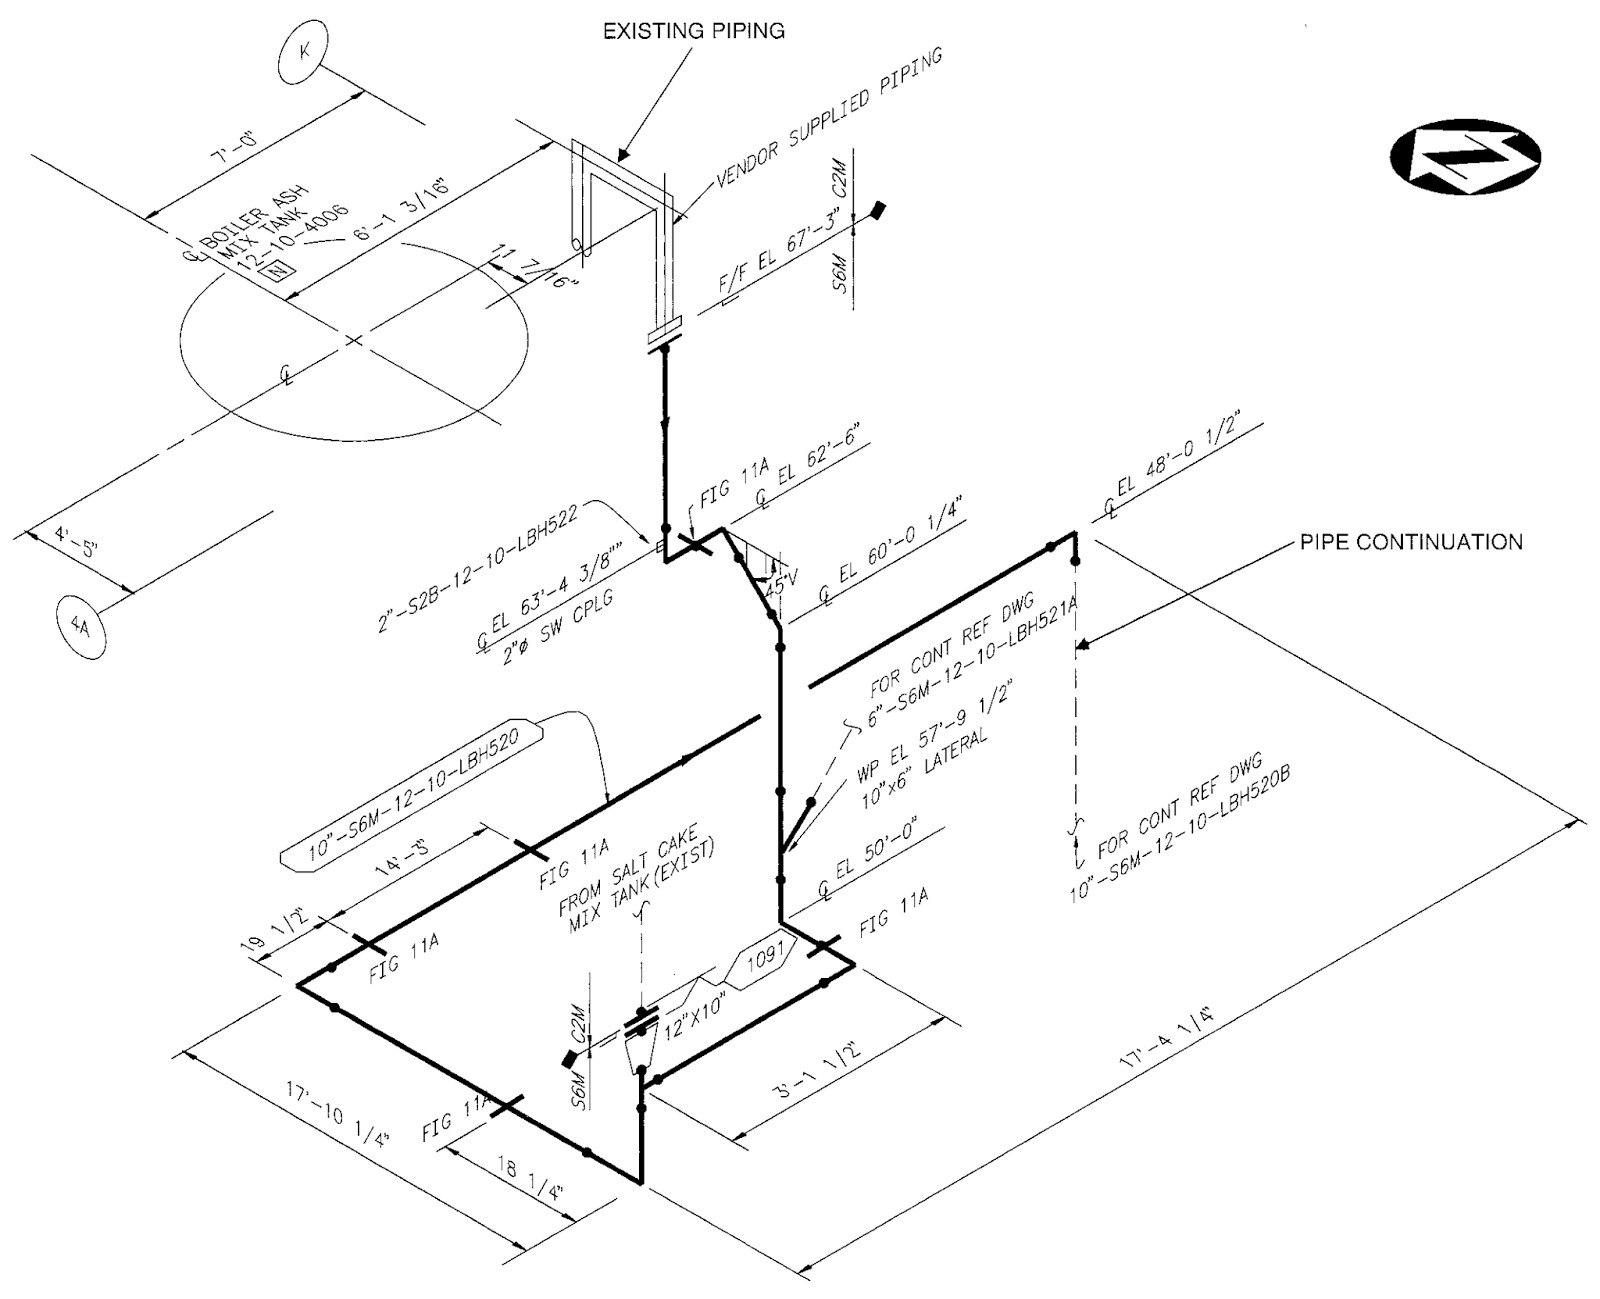 plumbing sanitary riser diagram 2000 hyundai elantra ignition wiring piping library